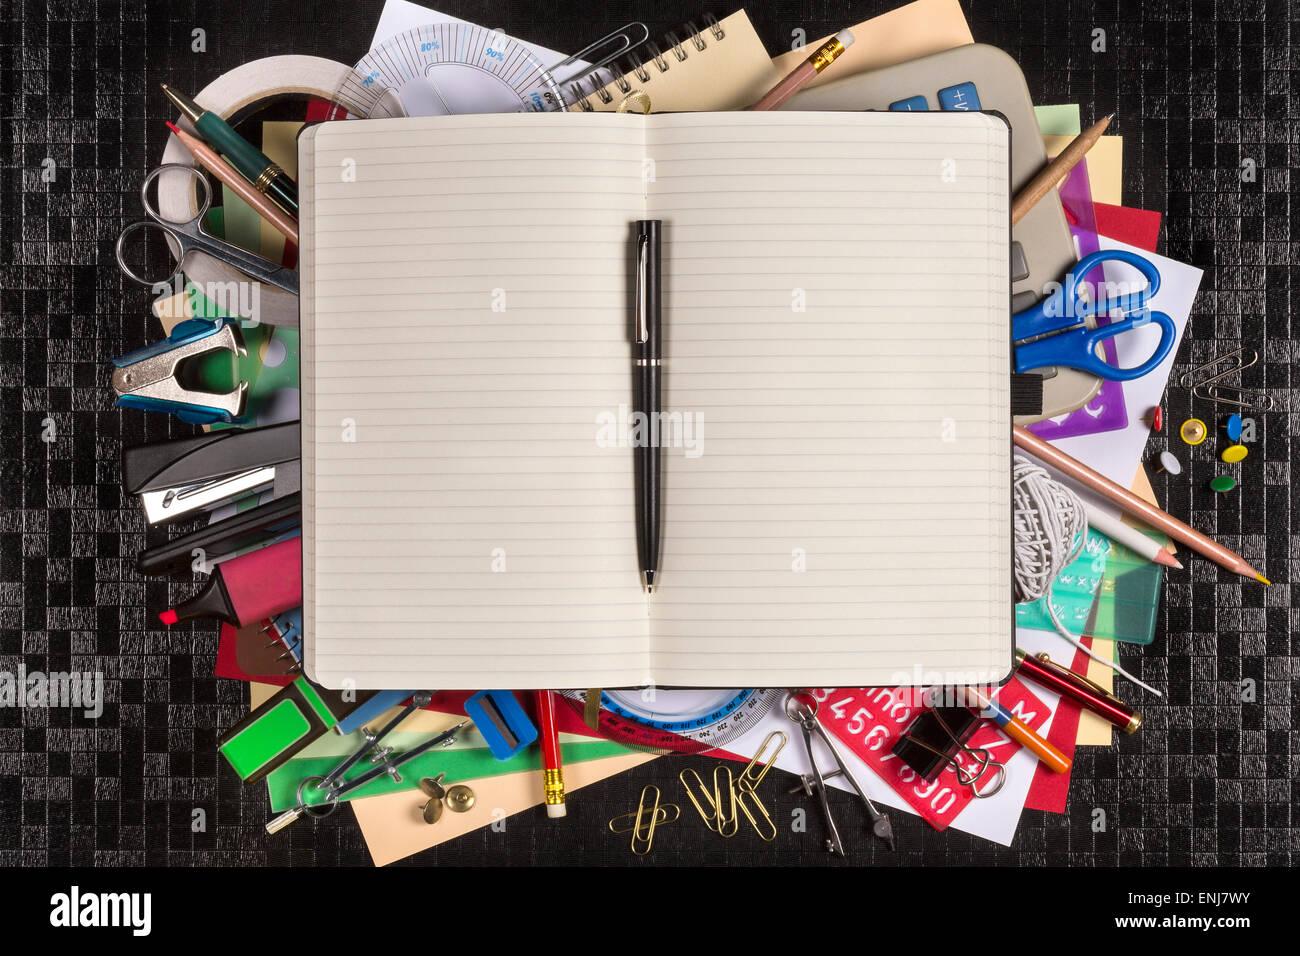 Sélection de papeterie pour le bureau ou pour retourner à l'école ou au collège - livre Photo Stock